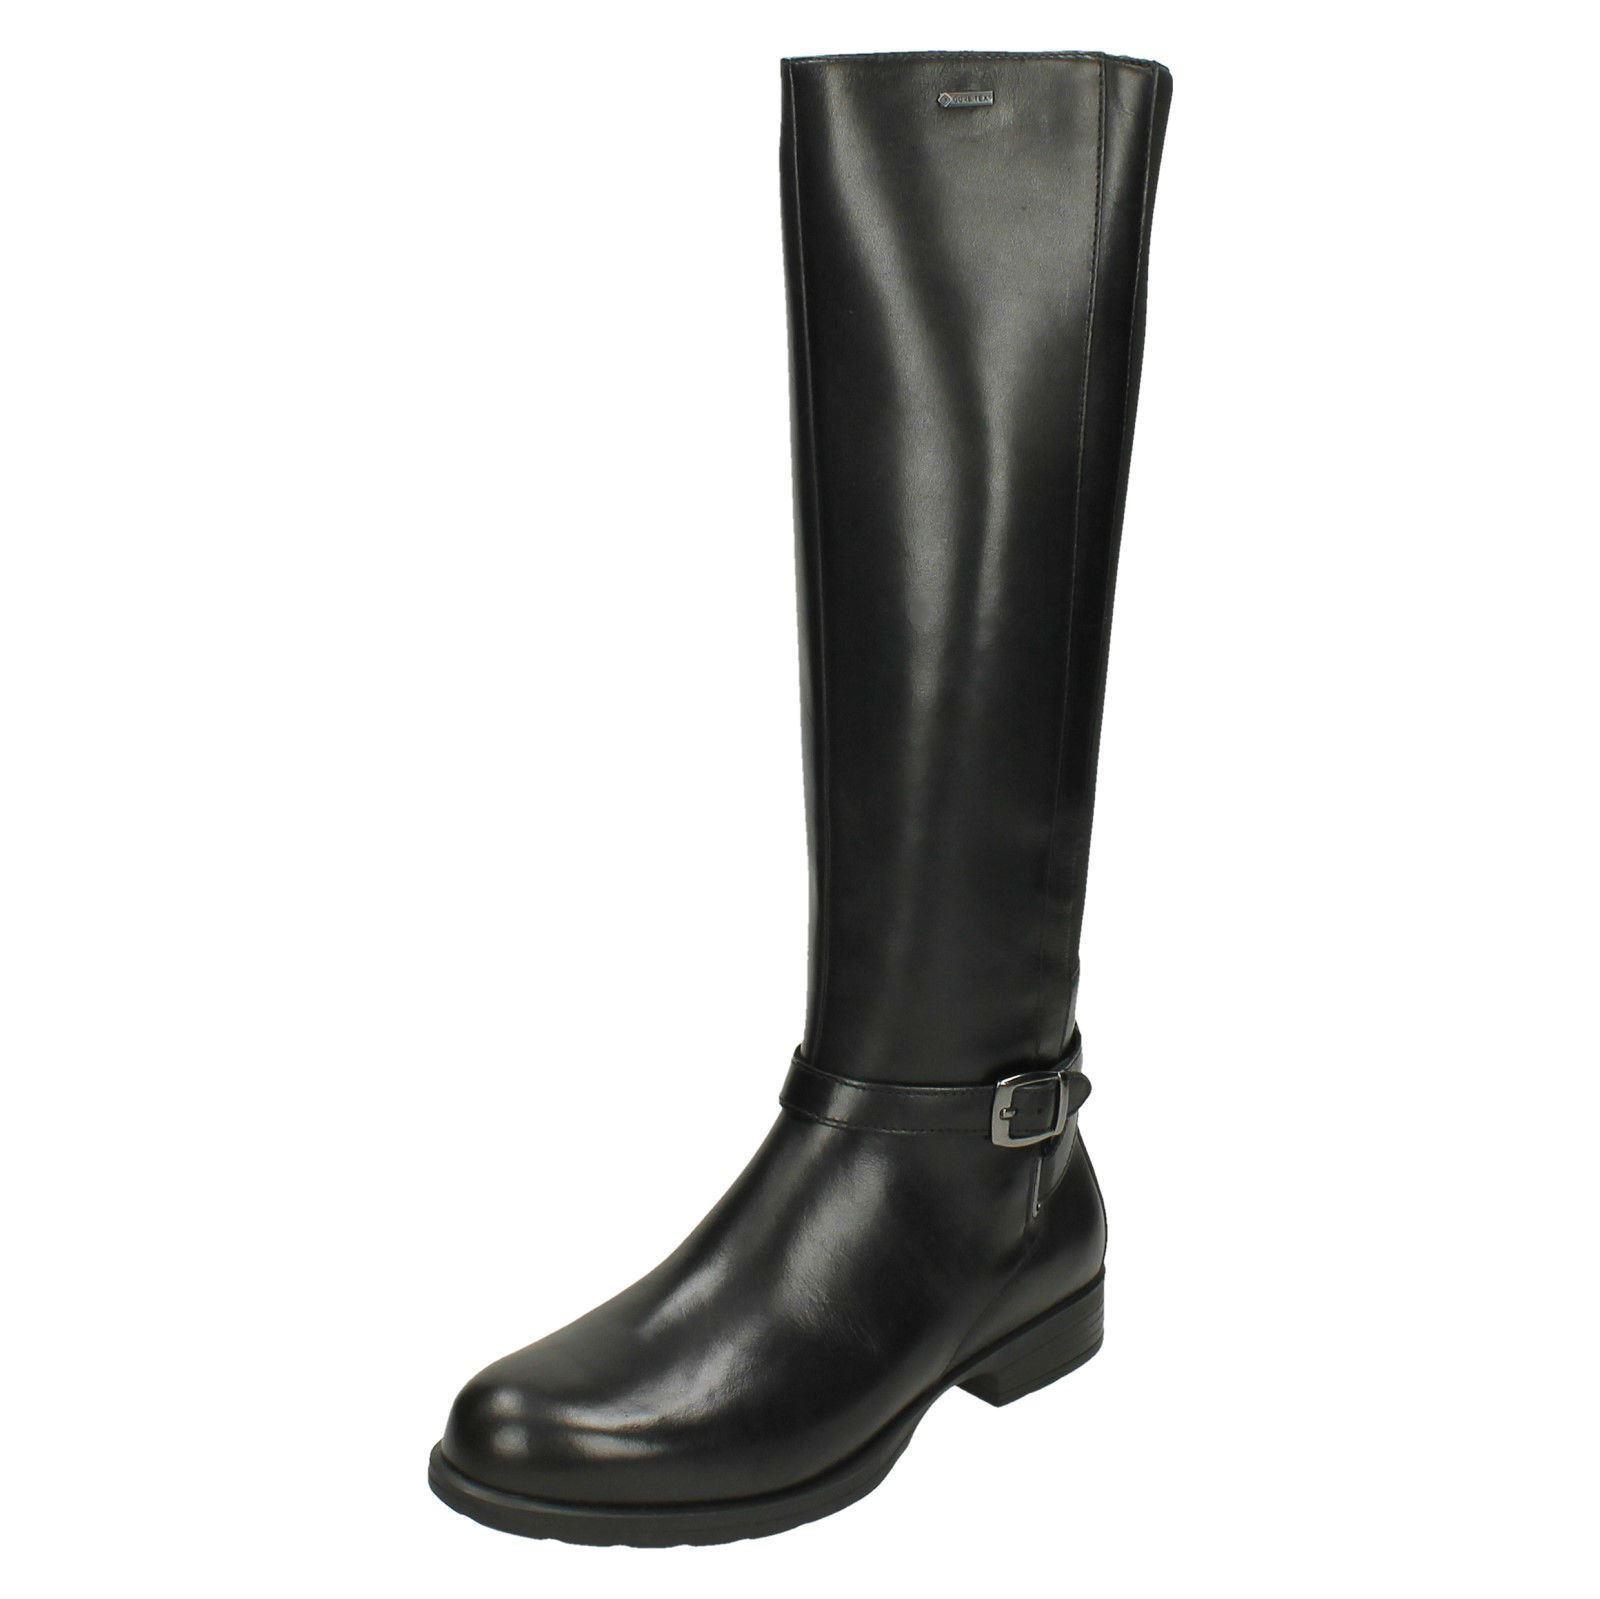 Clarks Clarks Clarks Mujer Cuero con Cremallera Gore-Tex Largo botas por la Rodilla de Montar  tienda en linea